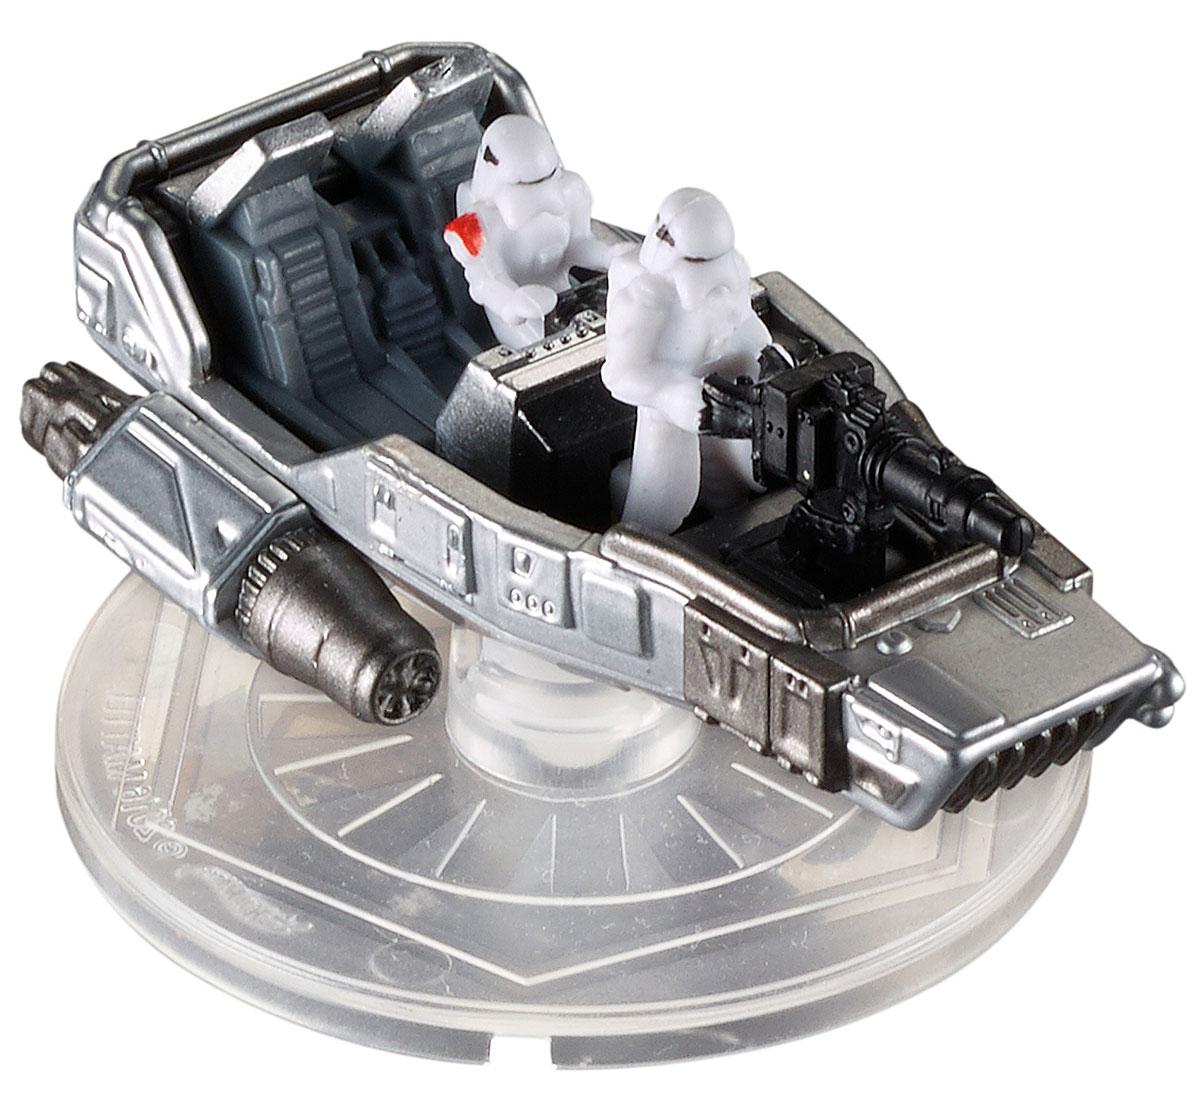 Hot Wheels Star Wars Космический корабль First Order Snow Speeder